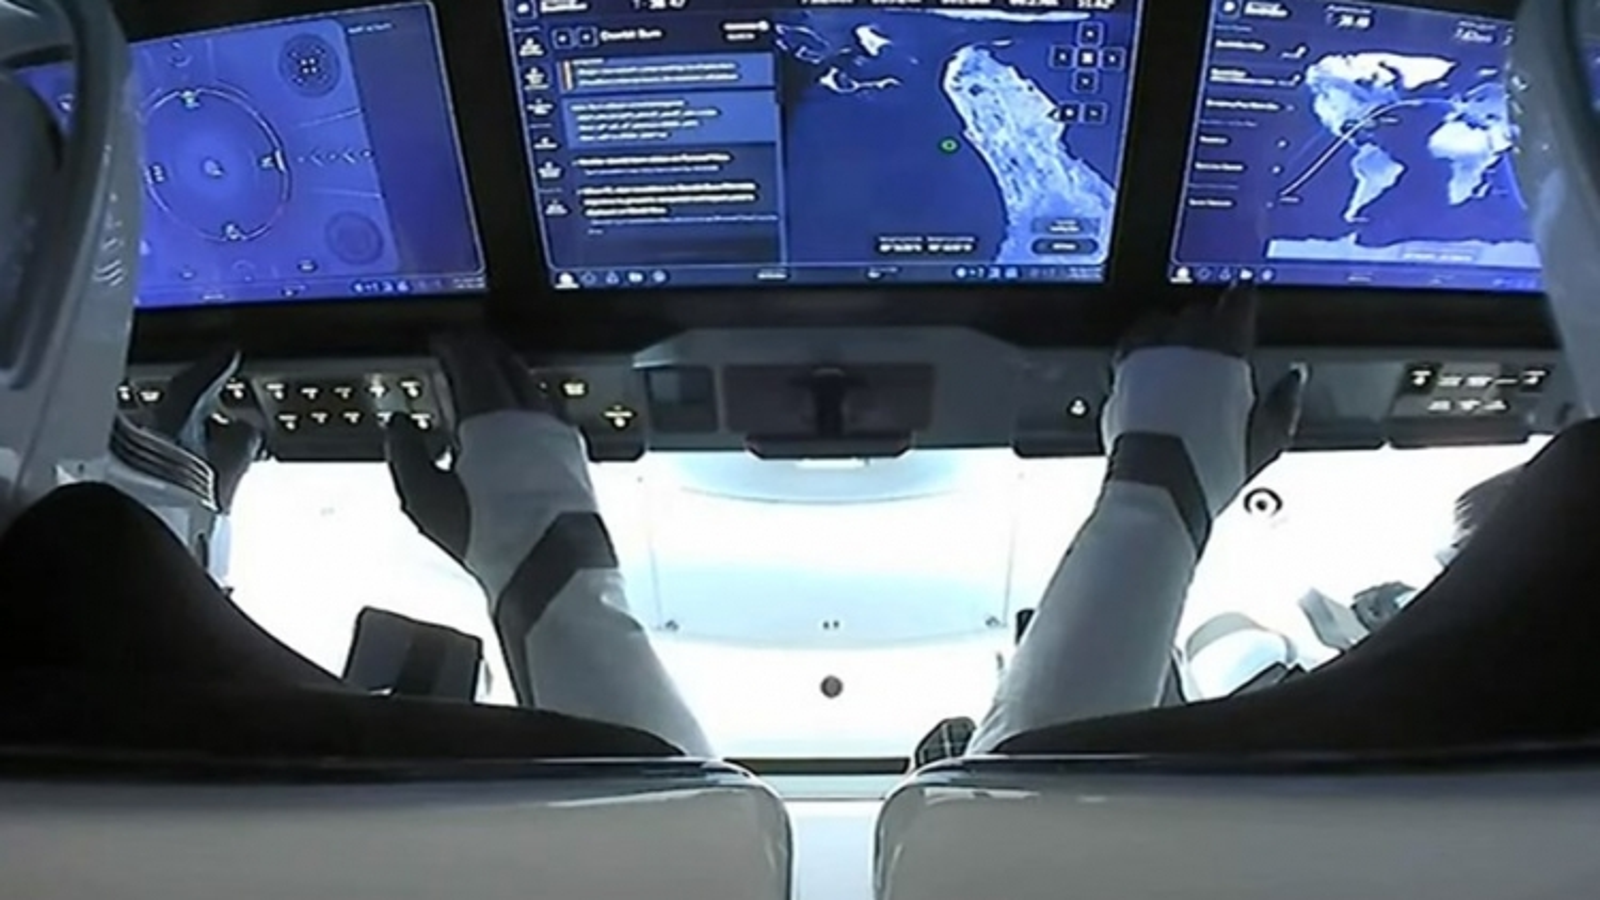 Kết thúc sứ mệnh, phi hành đoàn Inspiration4 của SpaceX trở về Trái Đất an toàn